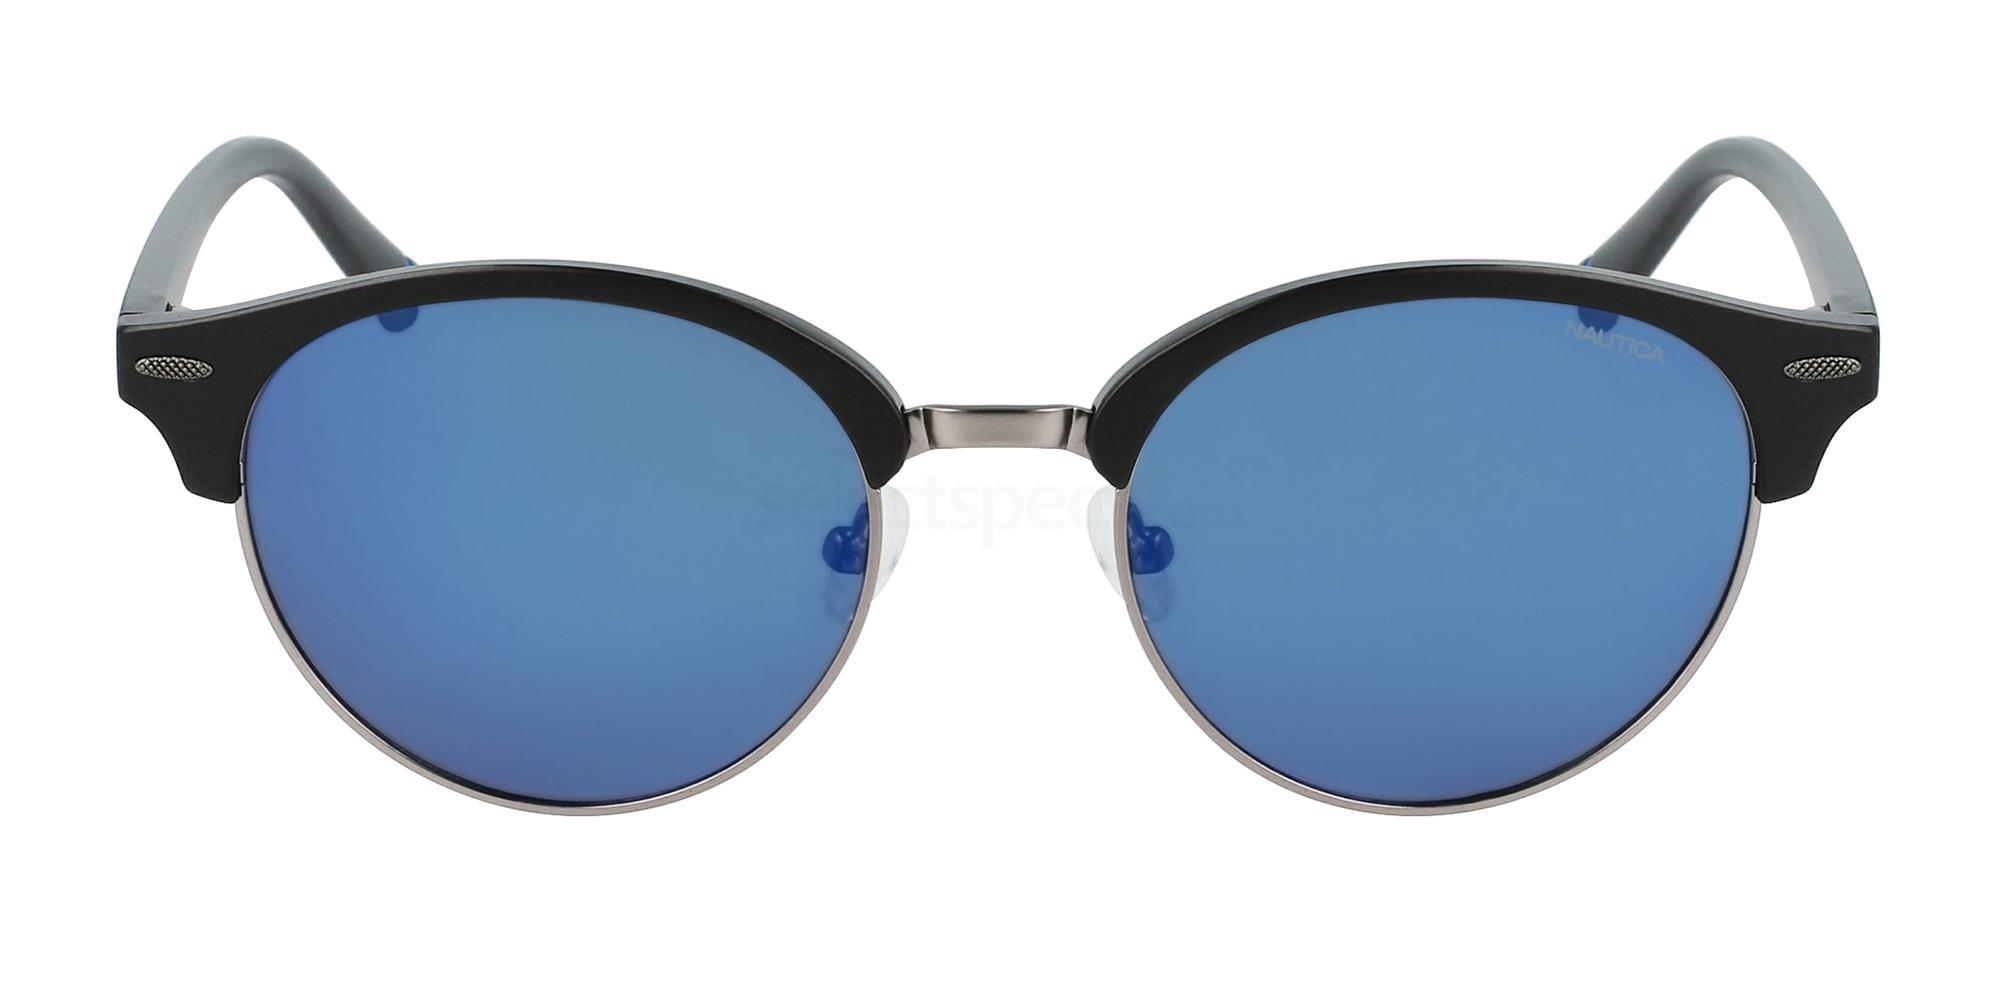 005 N3657SP Sunglasses, Nautica